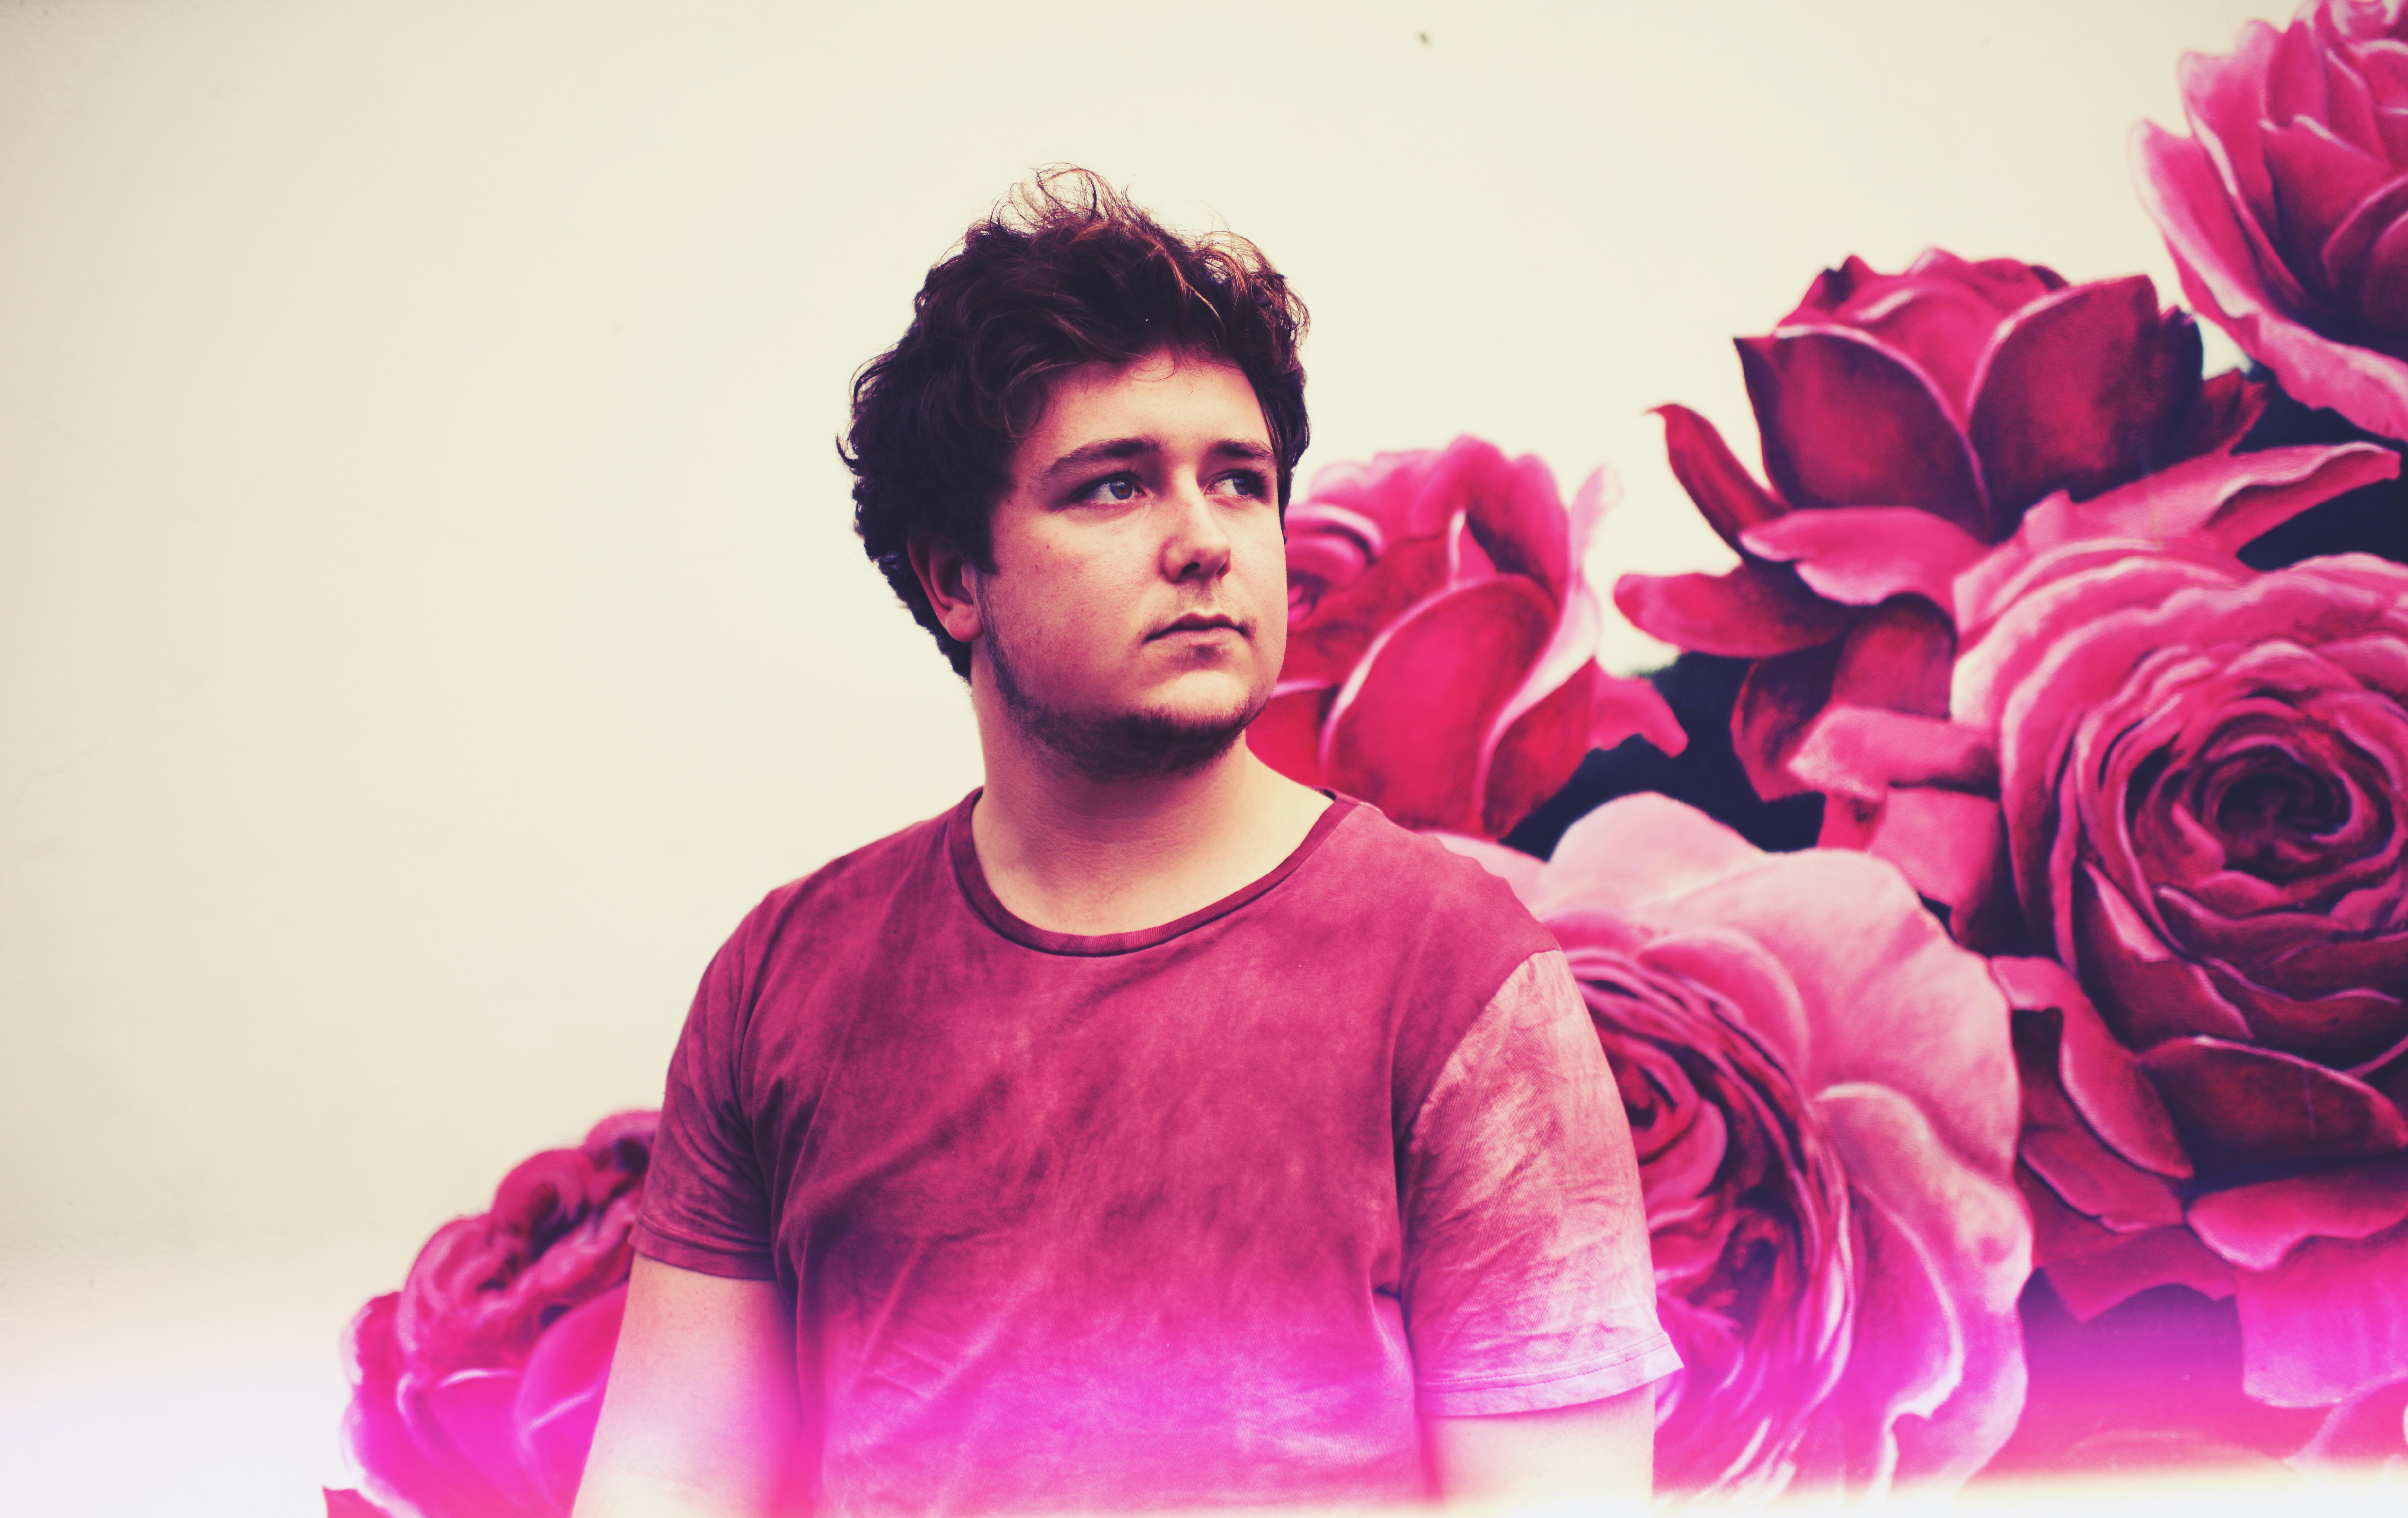 Matt Carstens Album Review: 2D Heart